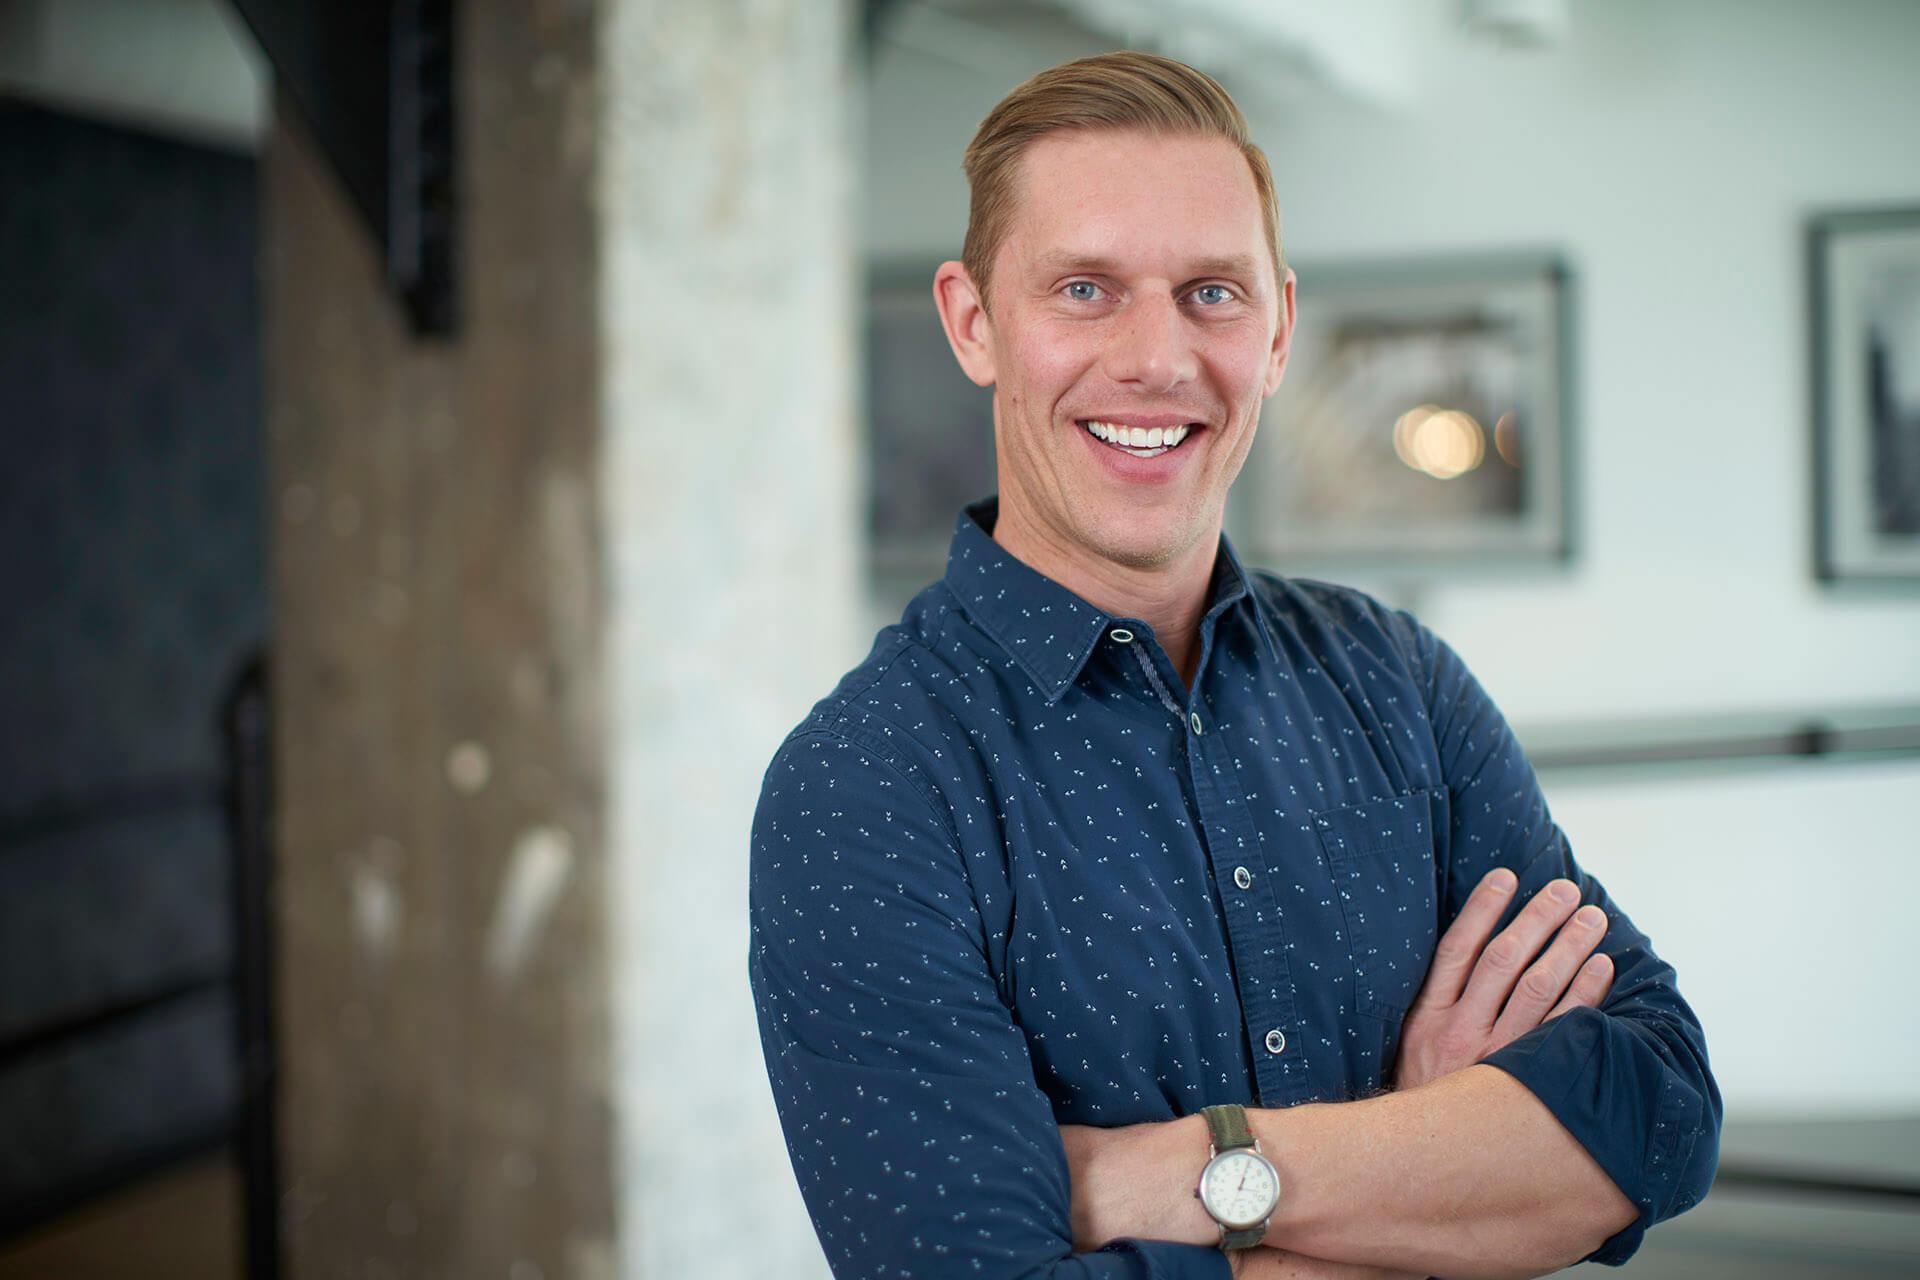 Kevin Baumgart, Hologram's VP of Sales